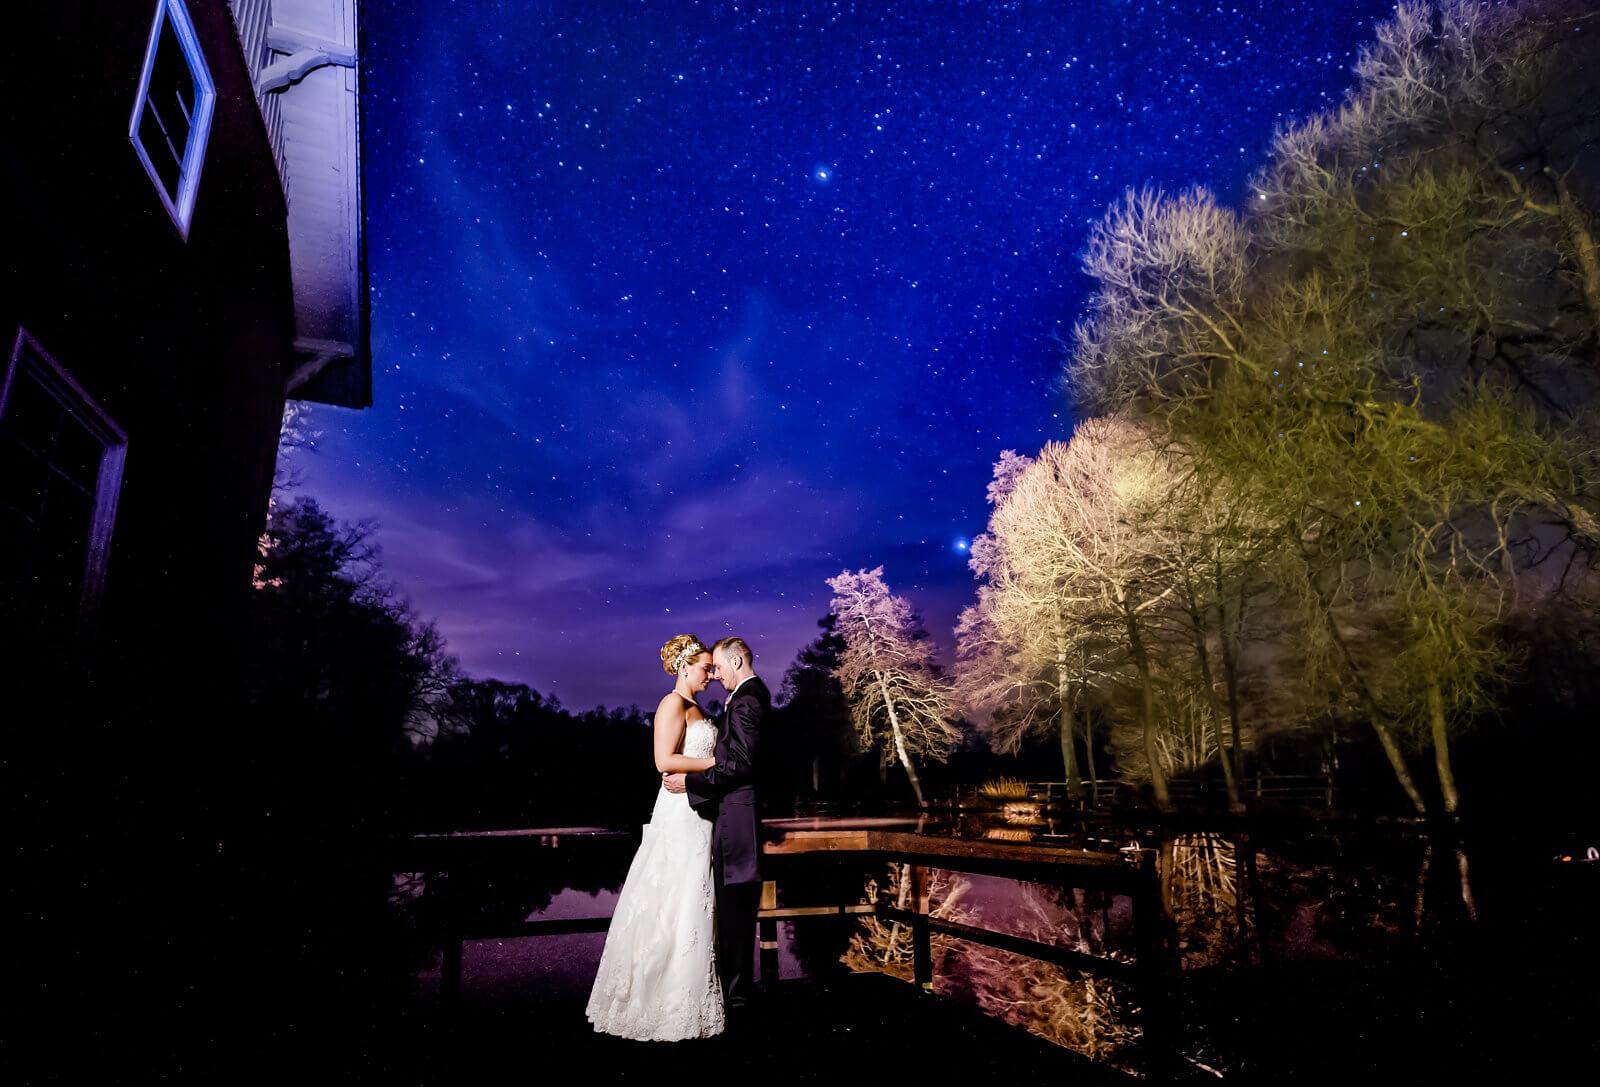 Sternenhimmel Brautpaar Fotografie Sternenklar